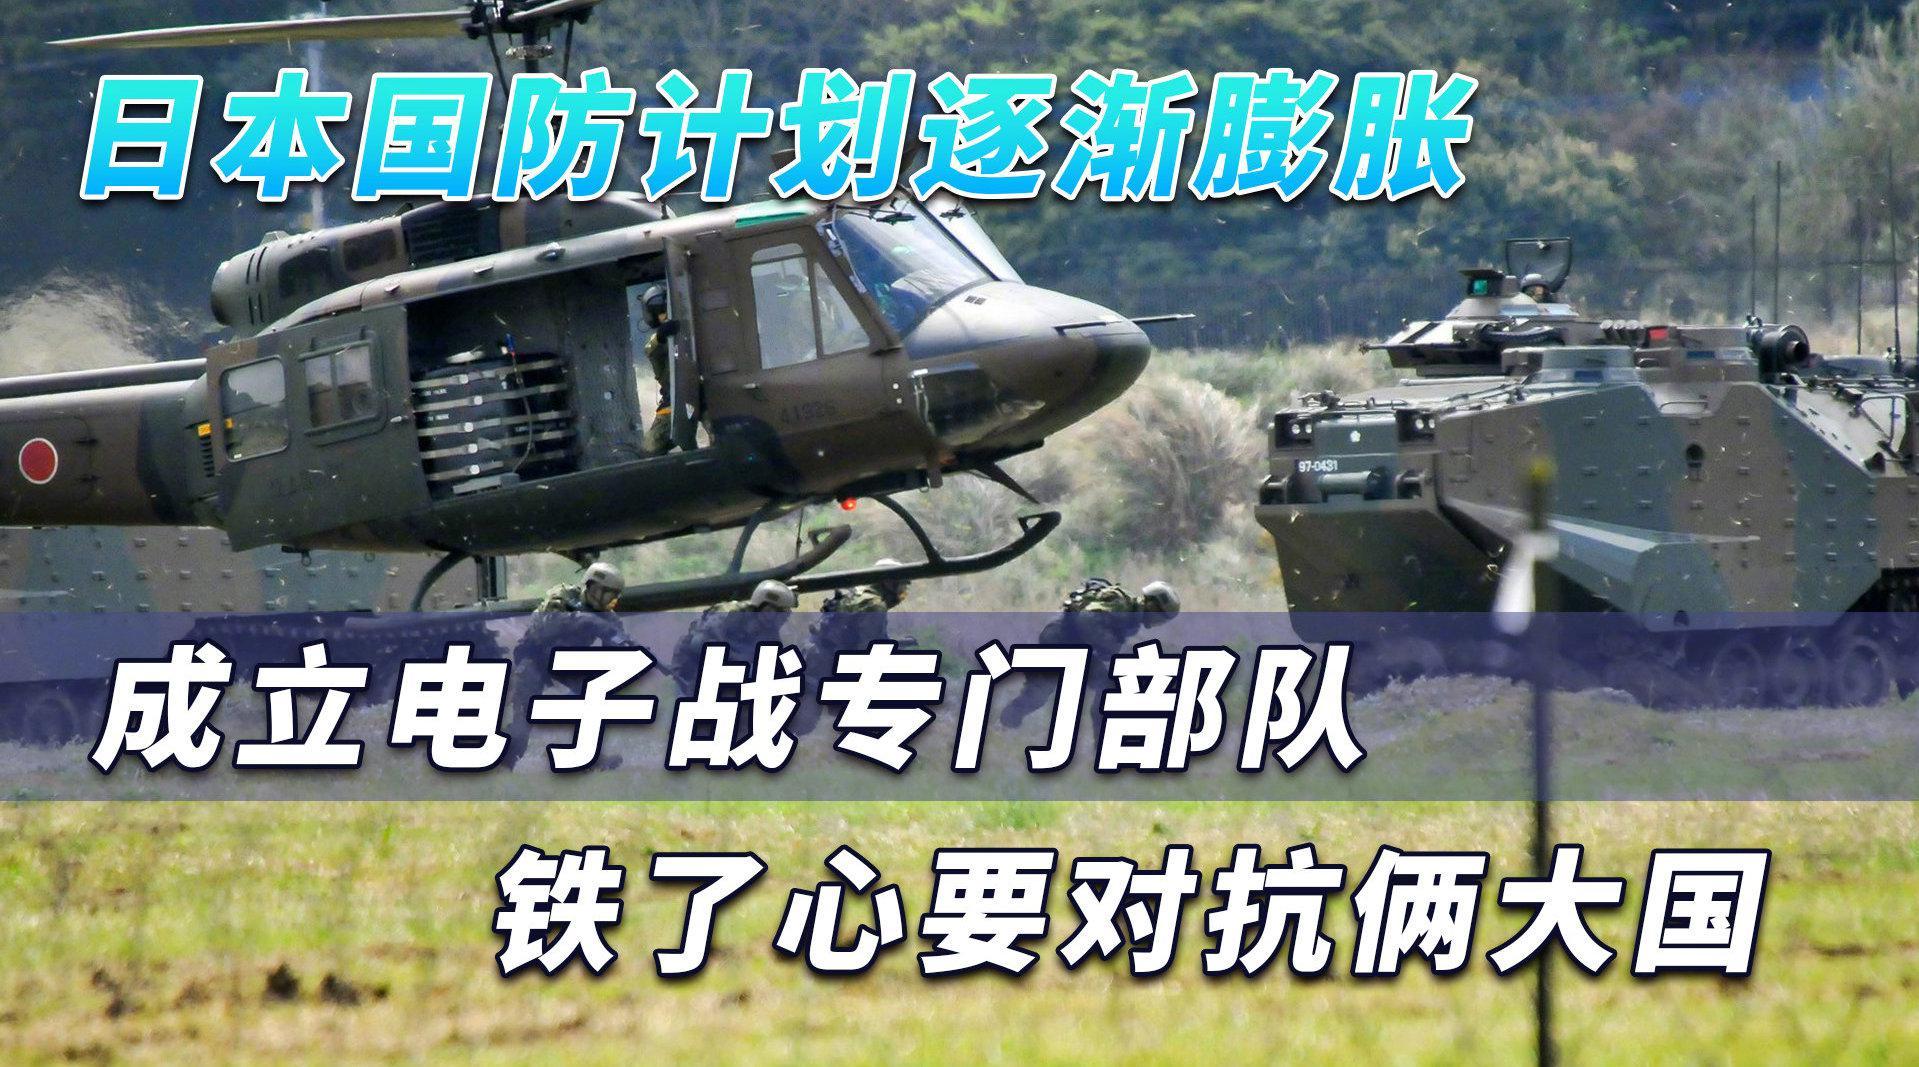 日本国防计划逐渐膨胀,成立电子战专门部队,铁了心要对抗俩大国